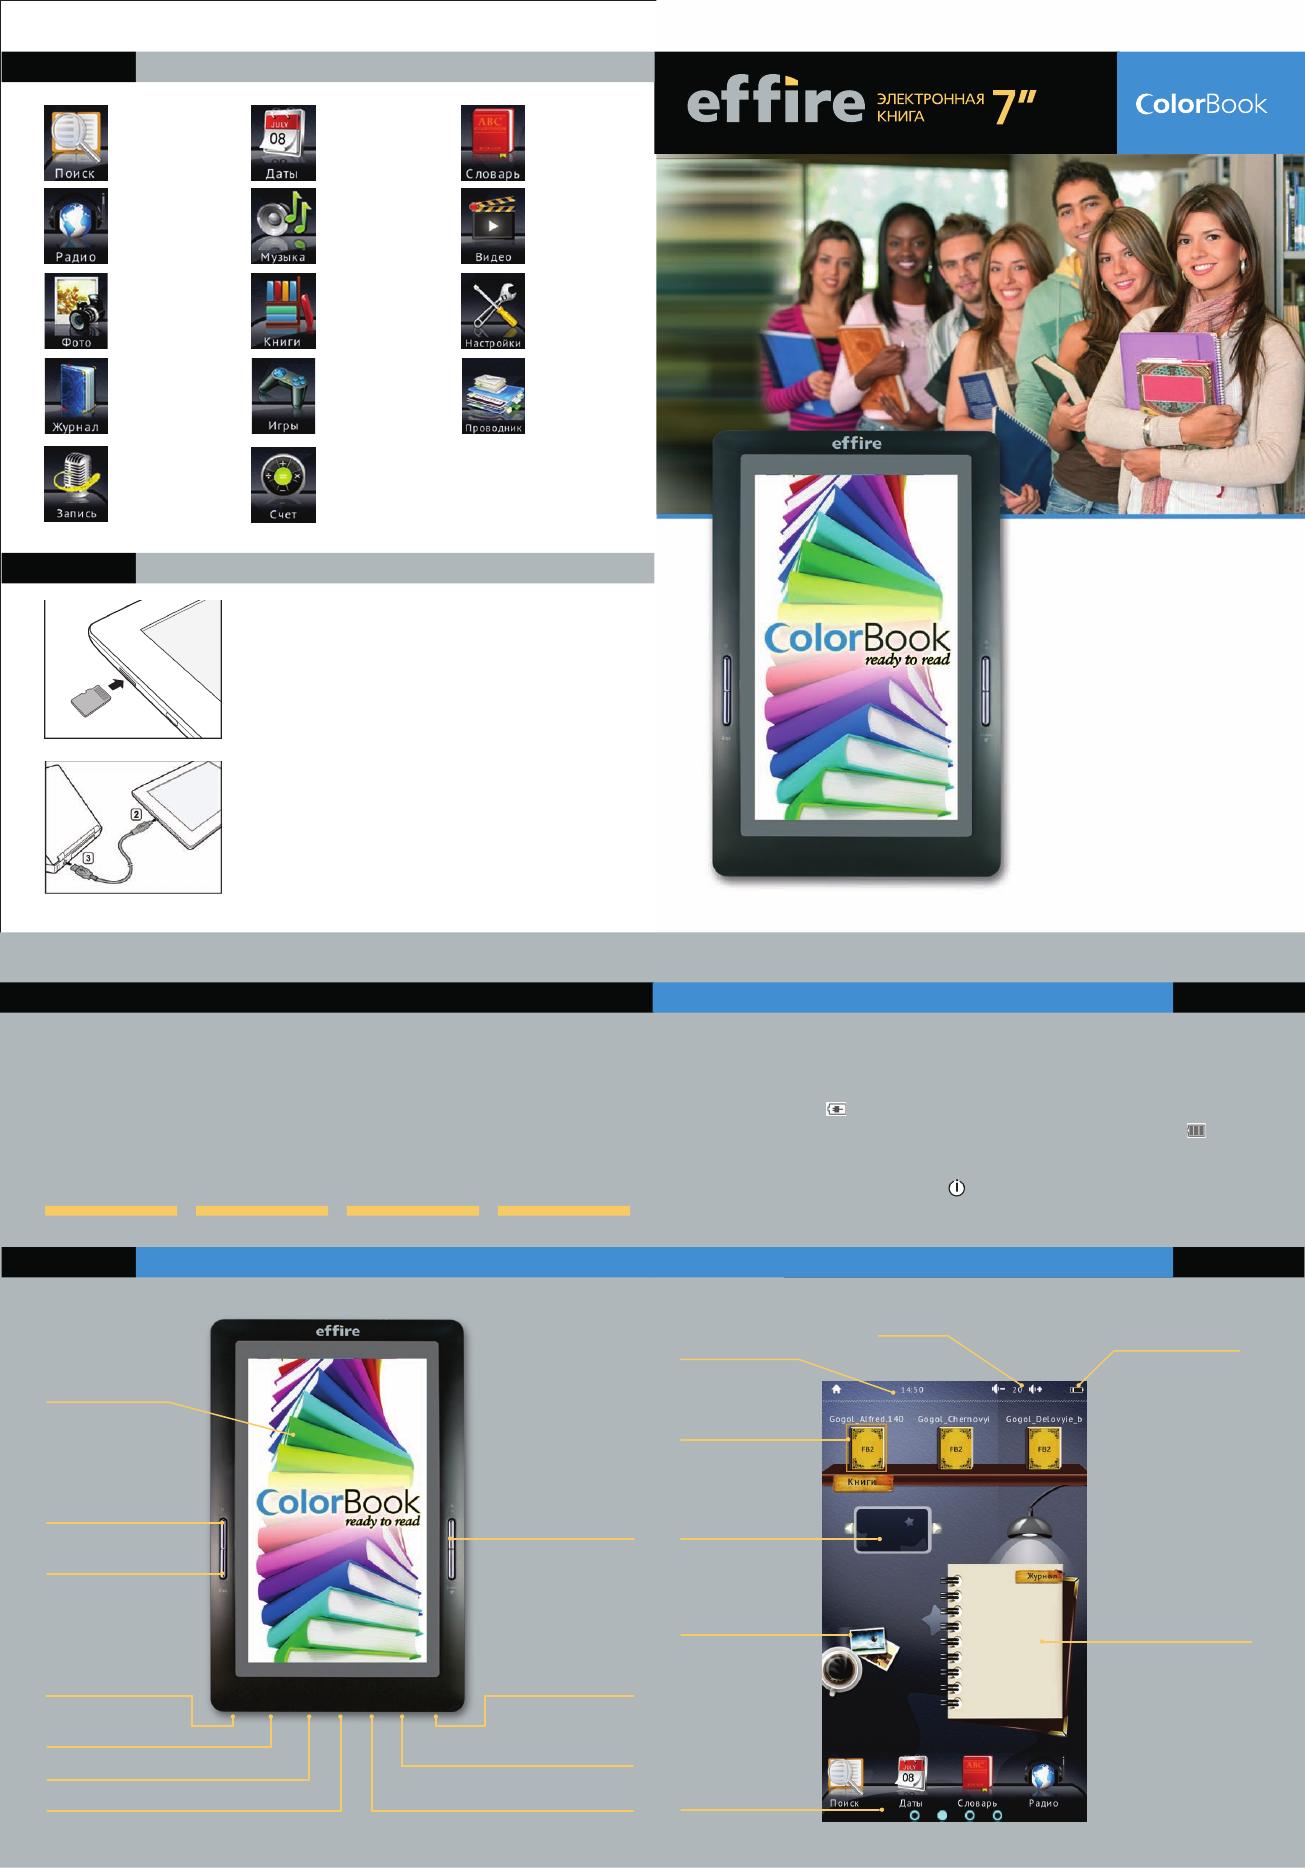 Color book effire - Background Image